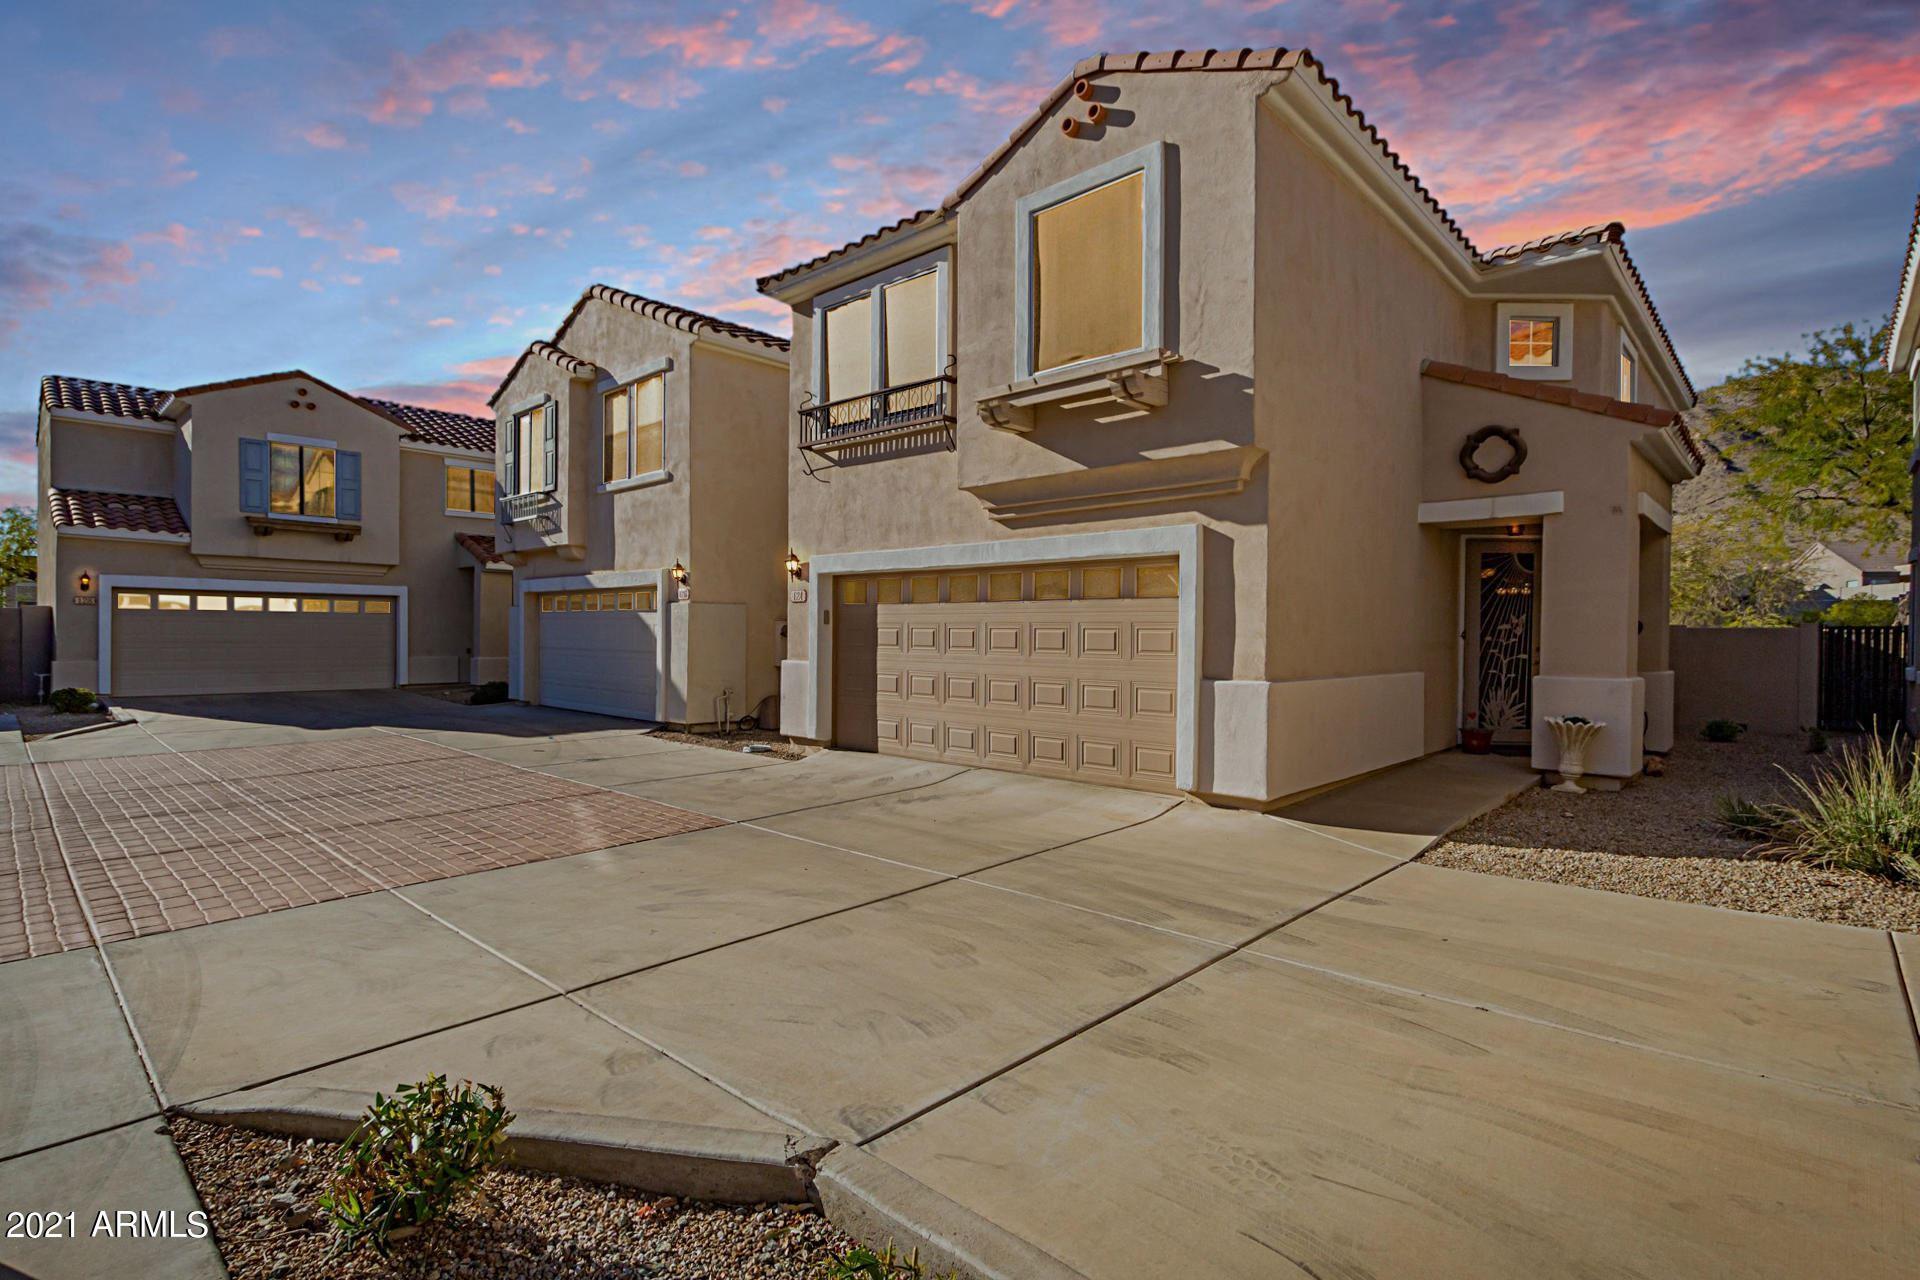 124 W MOUNTAIN SAGE Drive, Phoenix, AZ 85045 - MLS#: 6197793